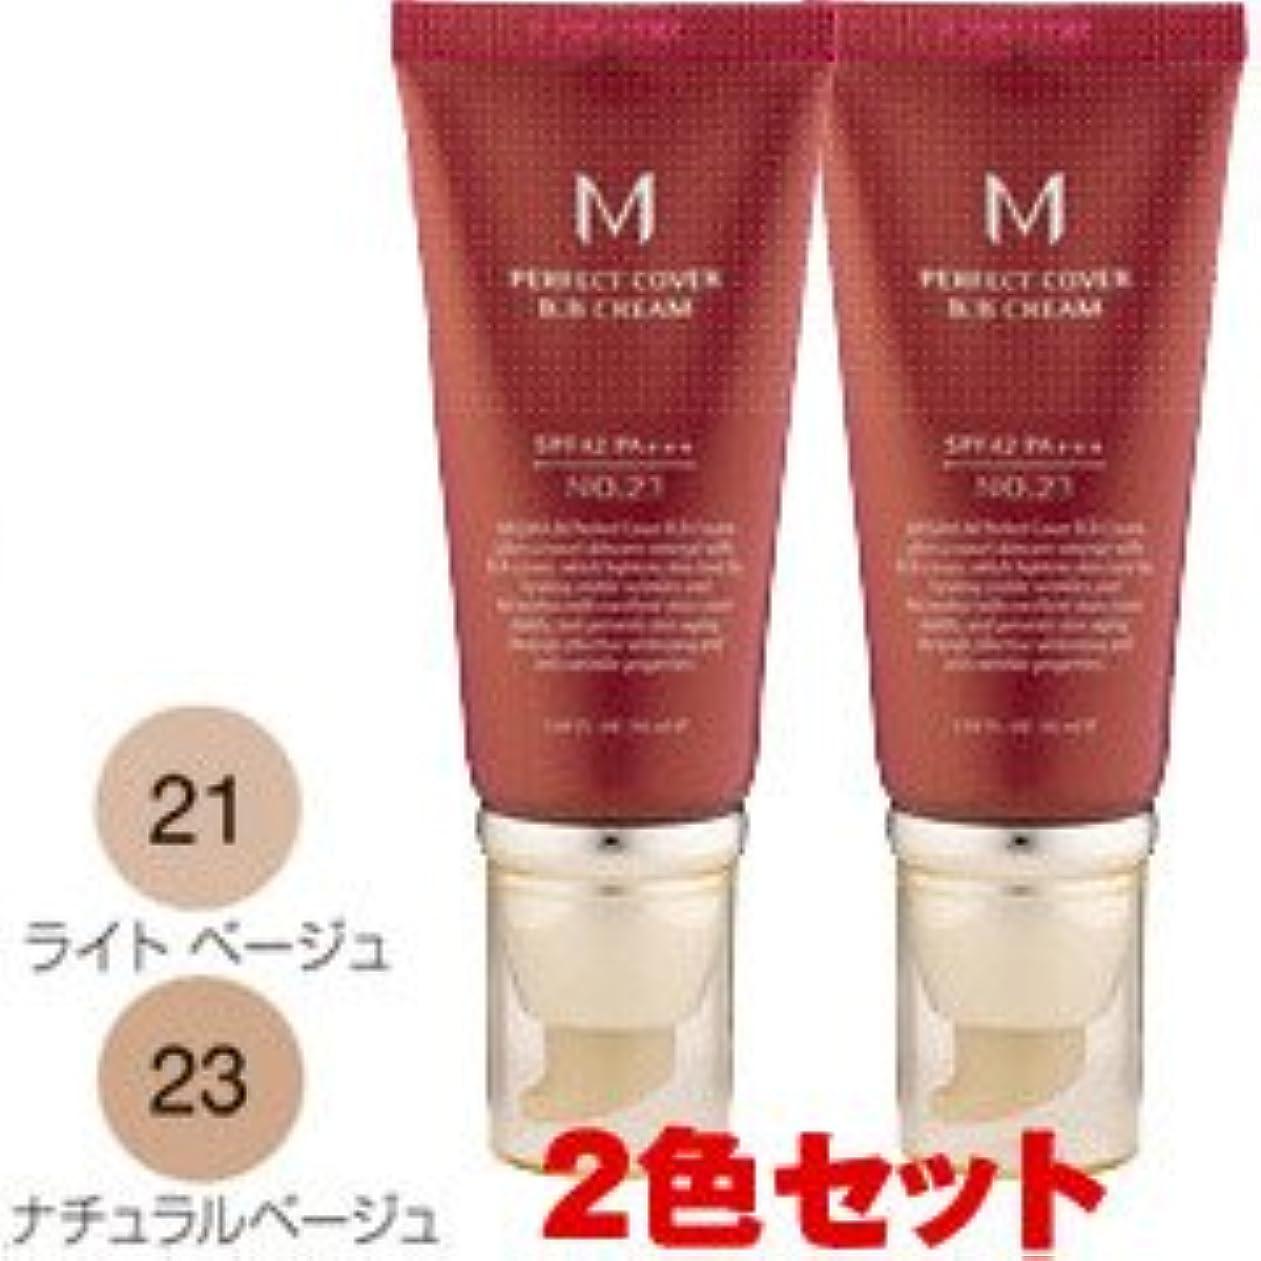 黄ばむ爵同一性Missha(ミシャ) M BBクリーム UV SPF42 PA+++ #21 と #23 の2色セット 50ml×2個セット [並行輸入品][海外直送品]